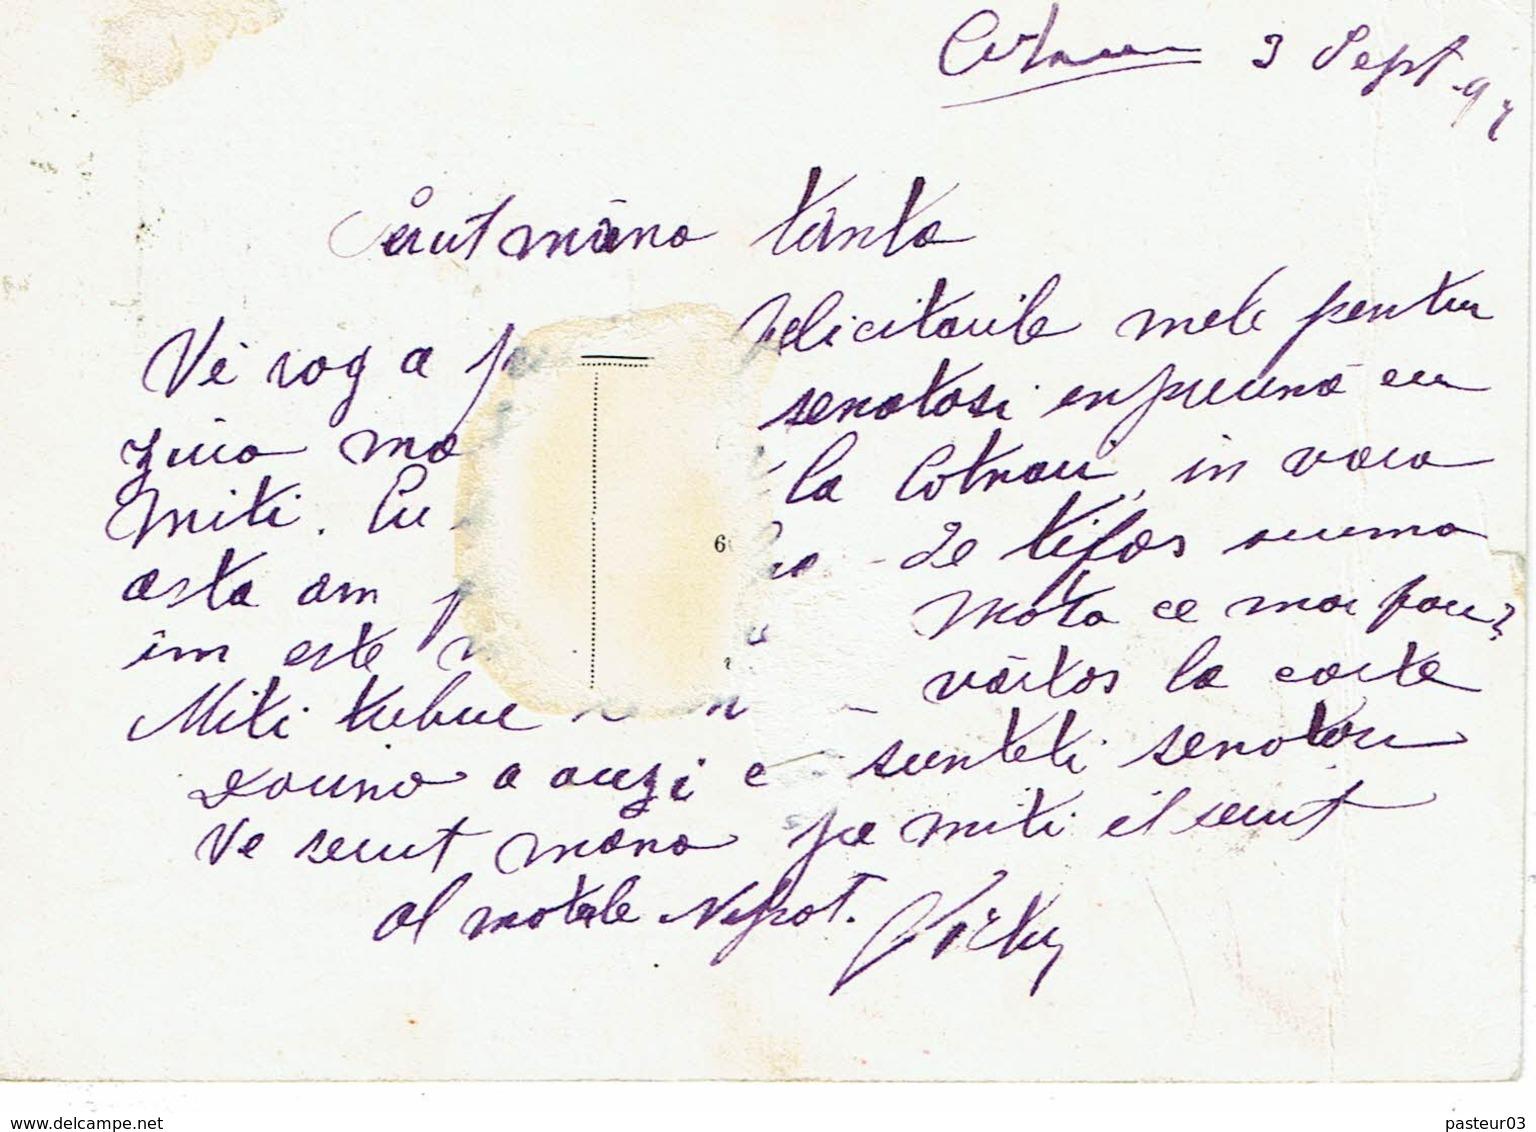 Roumanie Entier Postal 5 Bani Bleu Plus Timbre 5 Bani Du 15-09-1897 Pour La Suisse Pli à Gauche - Ganzsachen